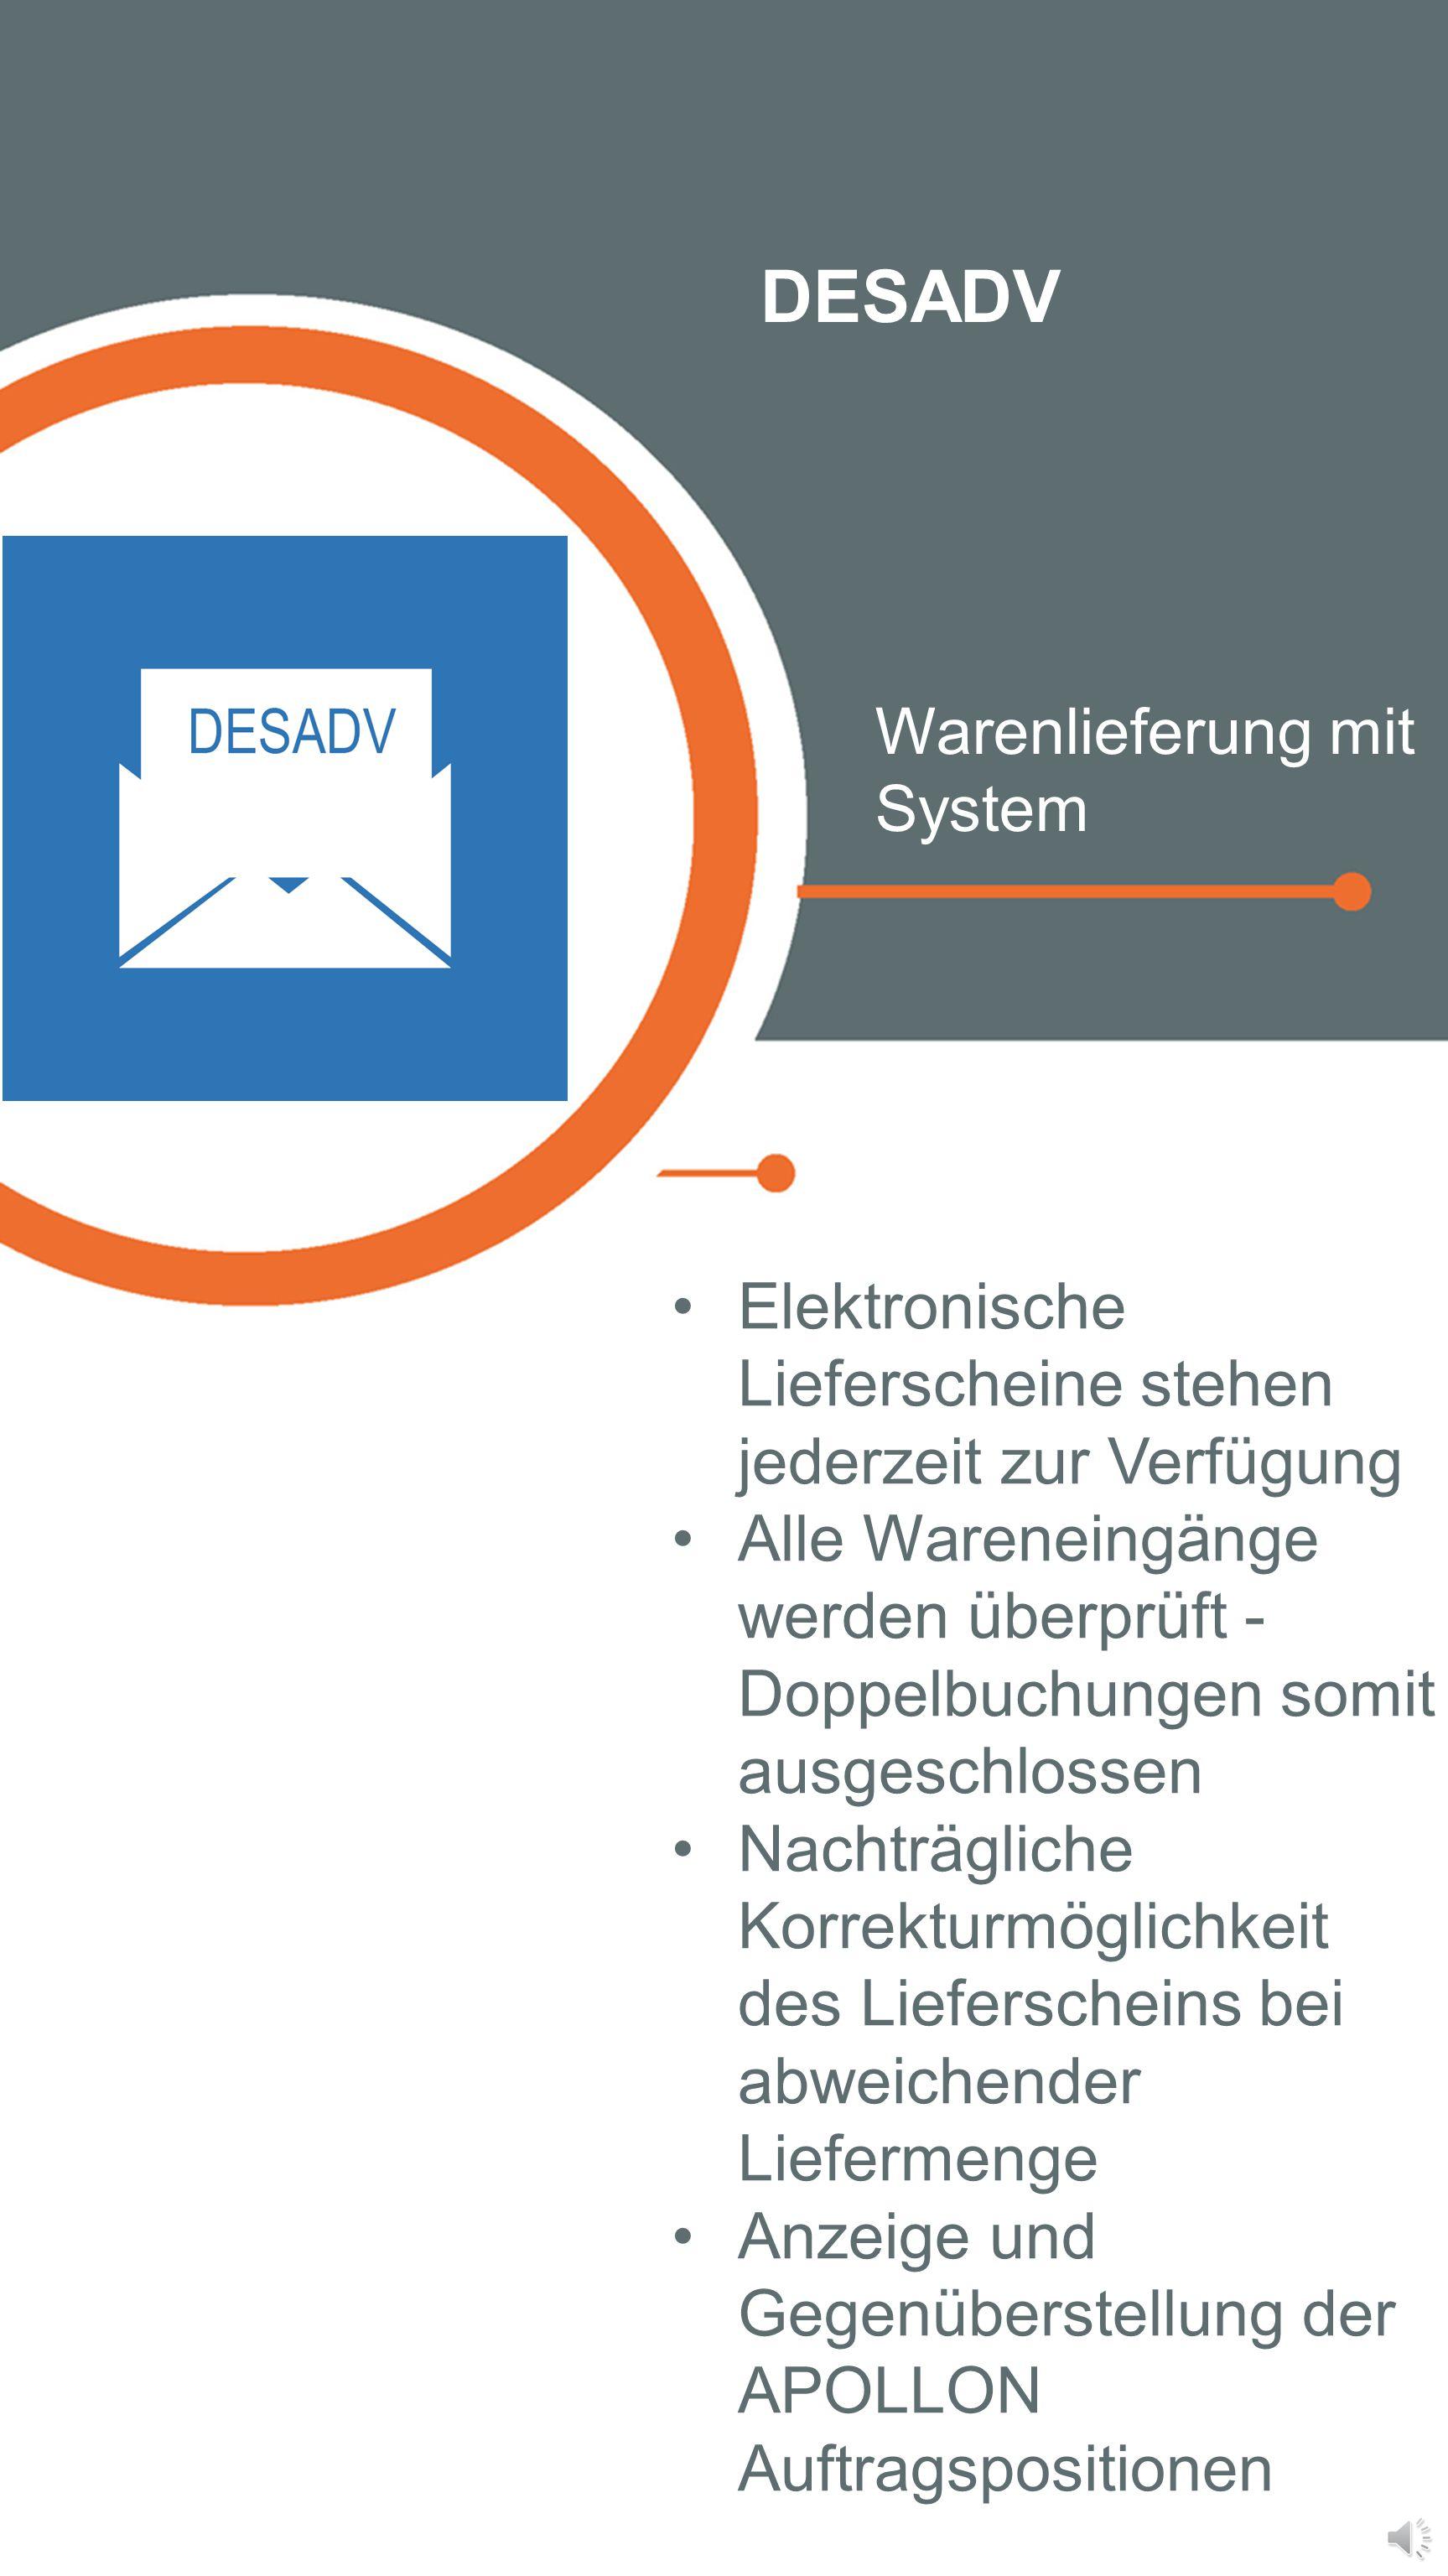 ORDRSP Schnelle Kommunikation mit Externen Gewährleistet die Umwandlung der Lieferantendaten in ein international gültiges und von APOLLON lesbares Da